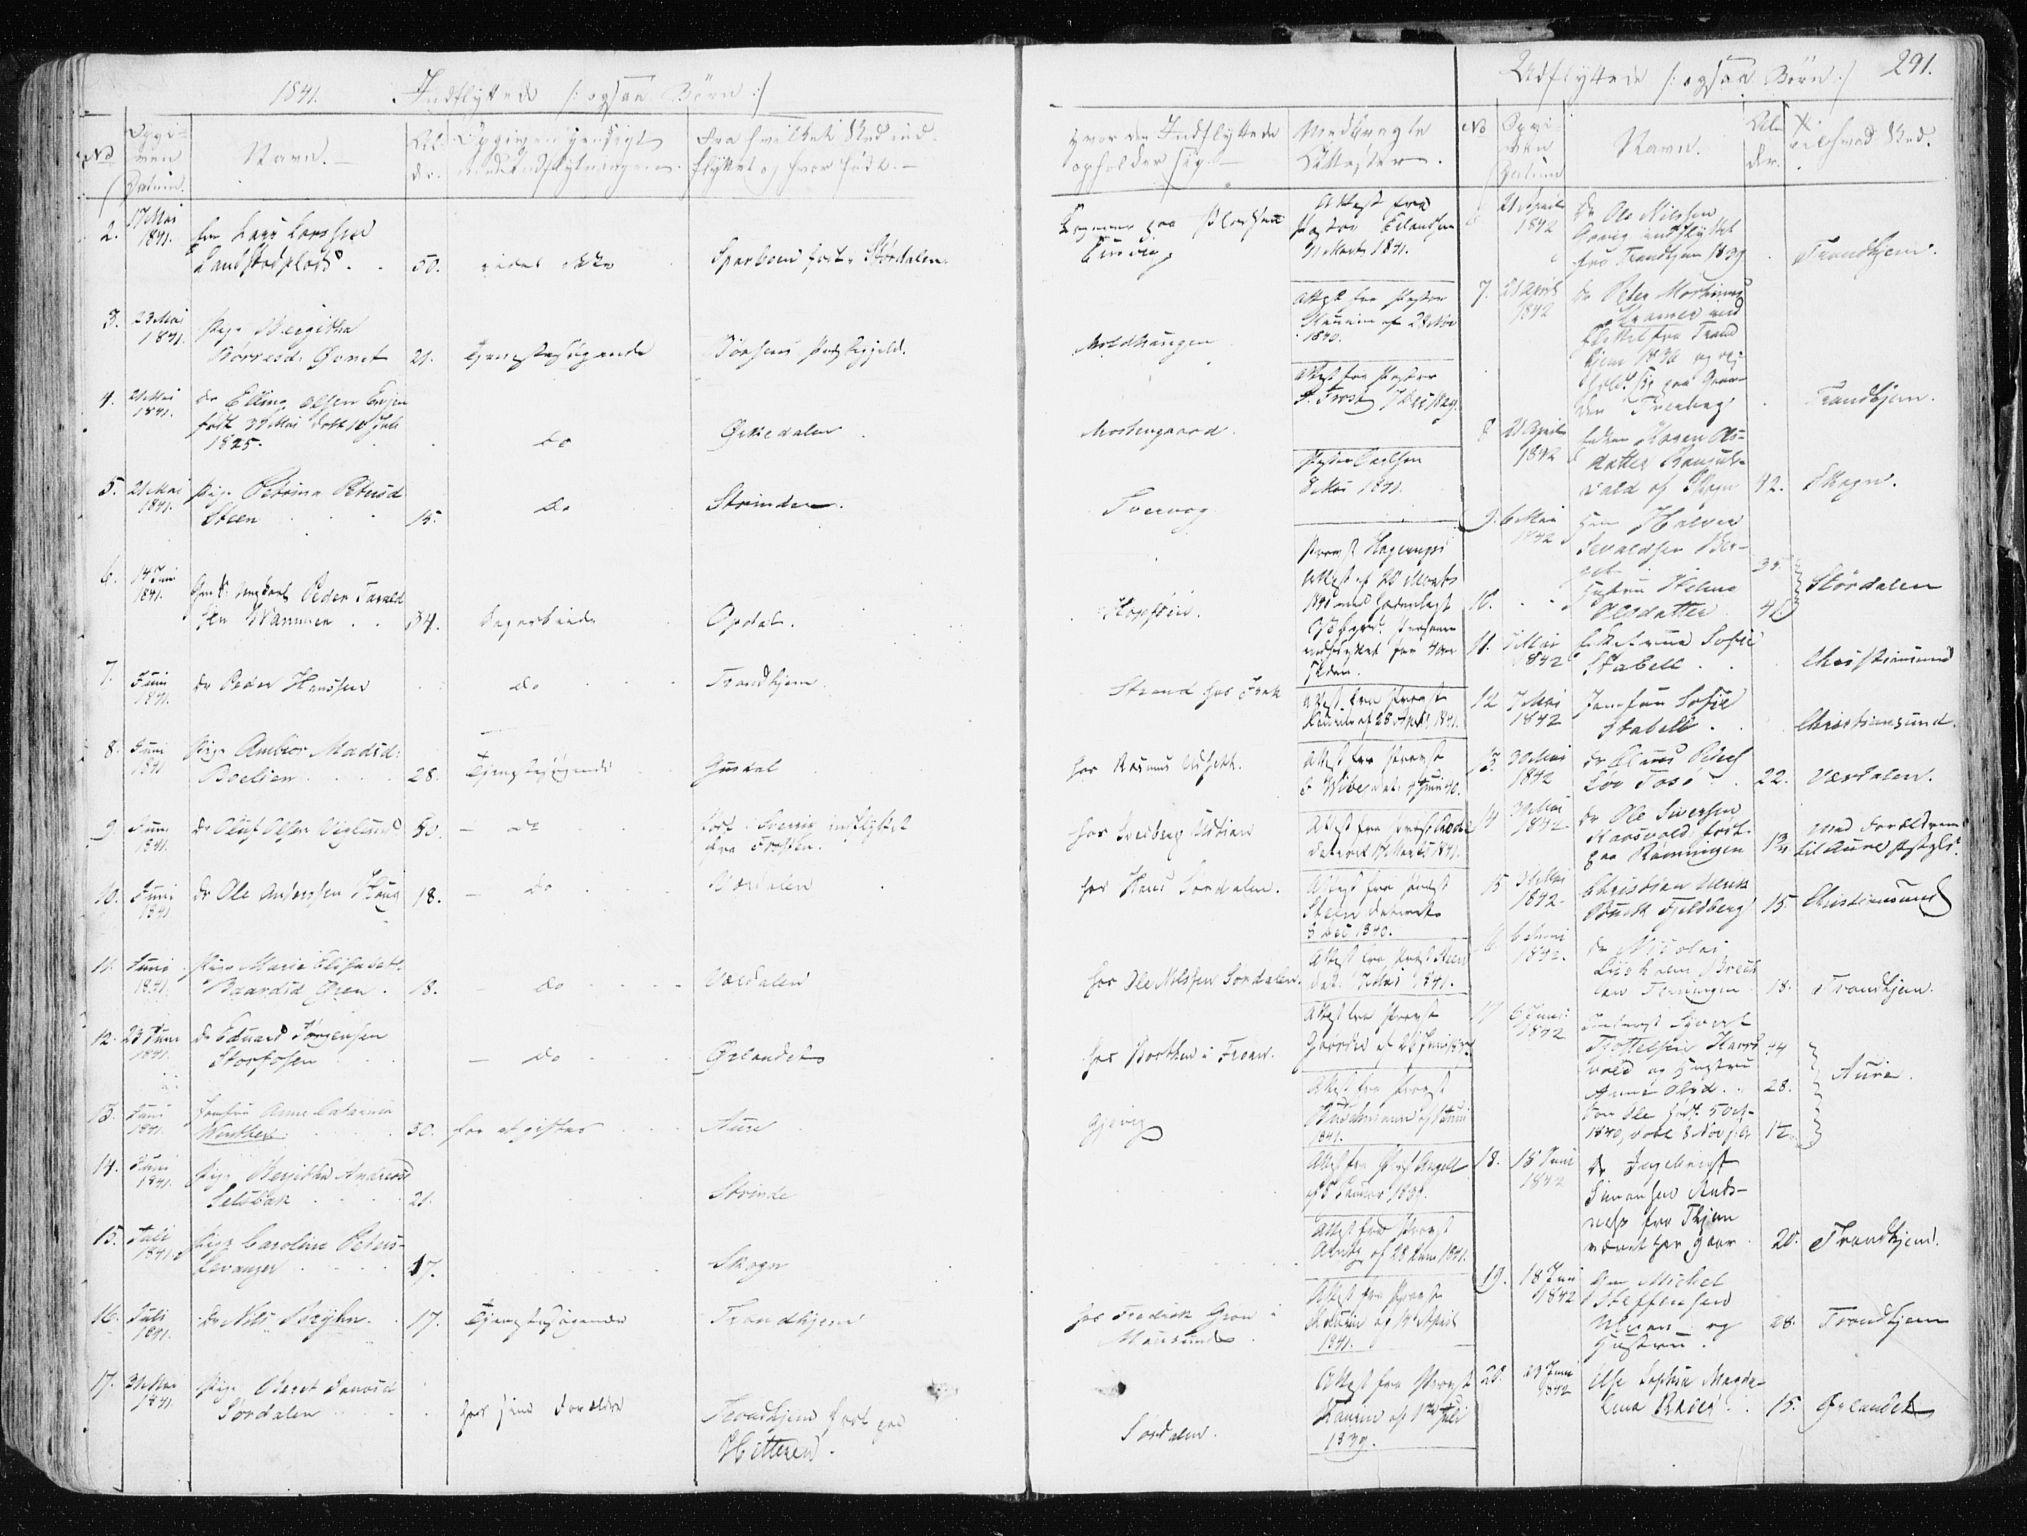 SAT, Ministerialprotokoller, klokkerbøker og fødselsregistre - Sør-Trøndelag, 634/L0528: Ministerialbok nr. 634A04, 1827-1842, s. 291